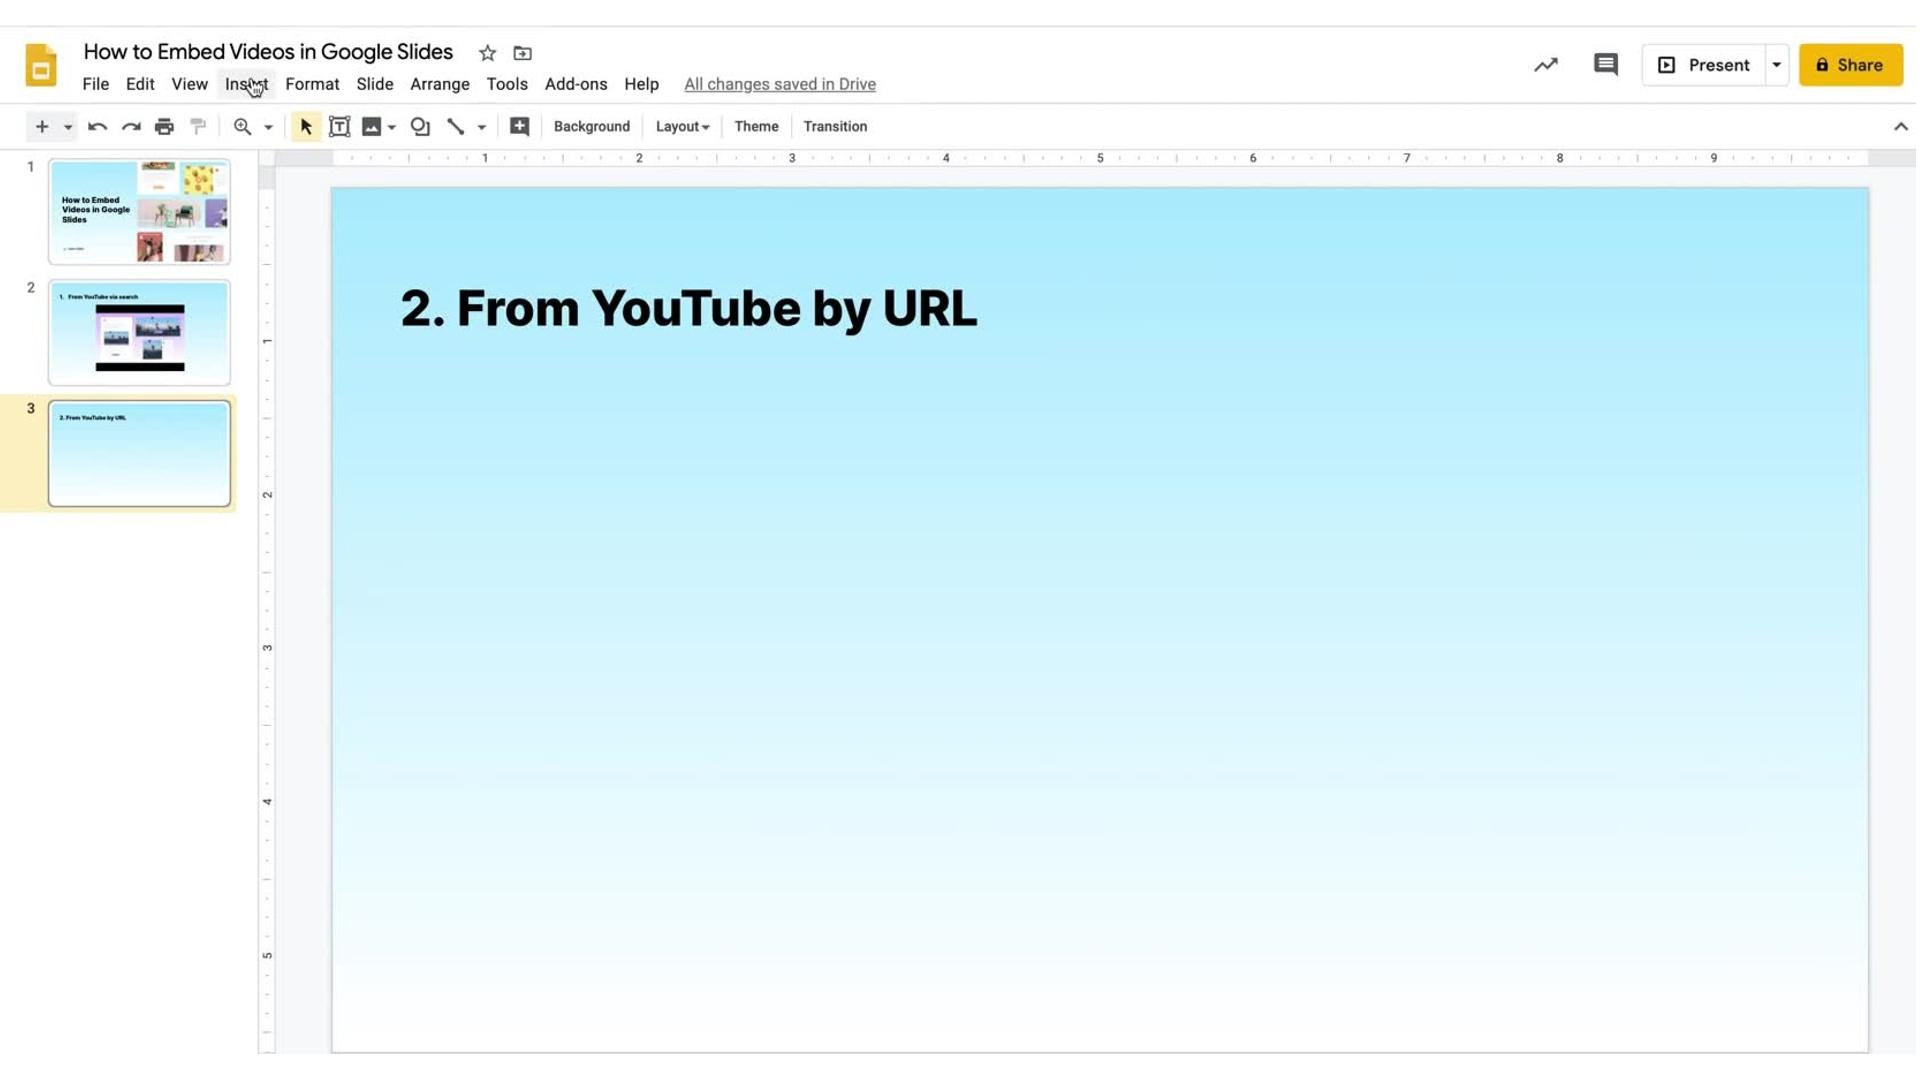 Video in Google Slides_YouTube_URL